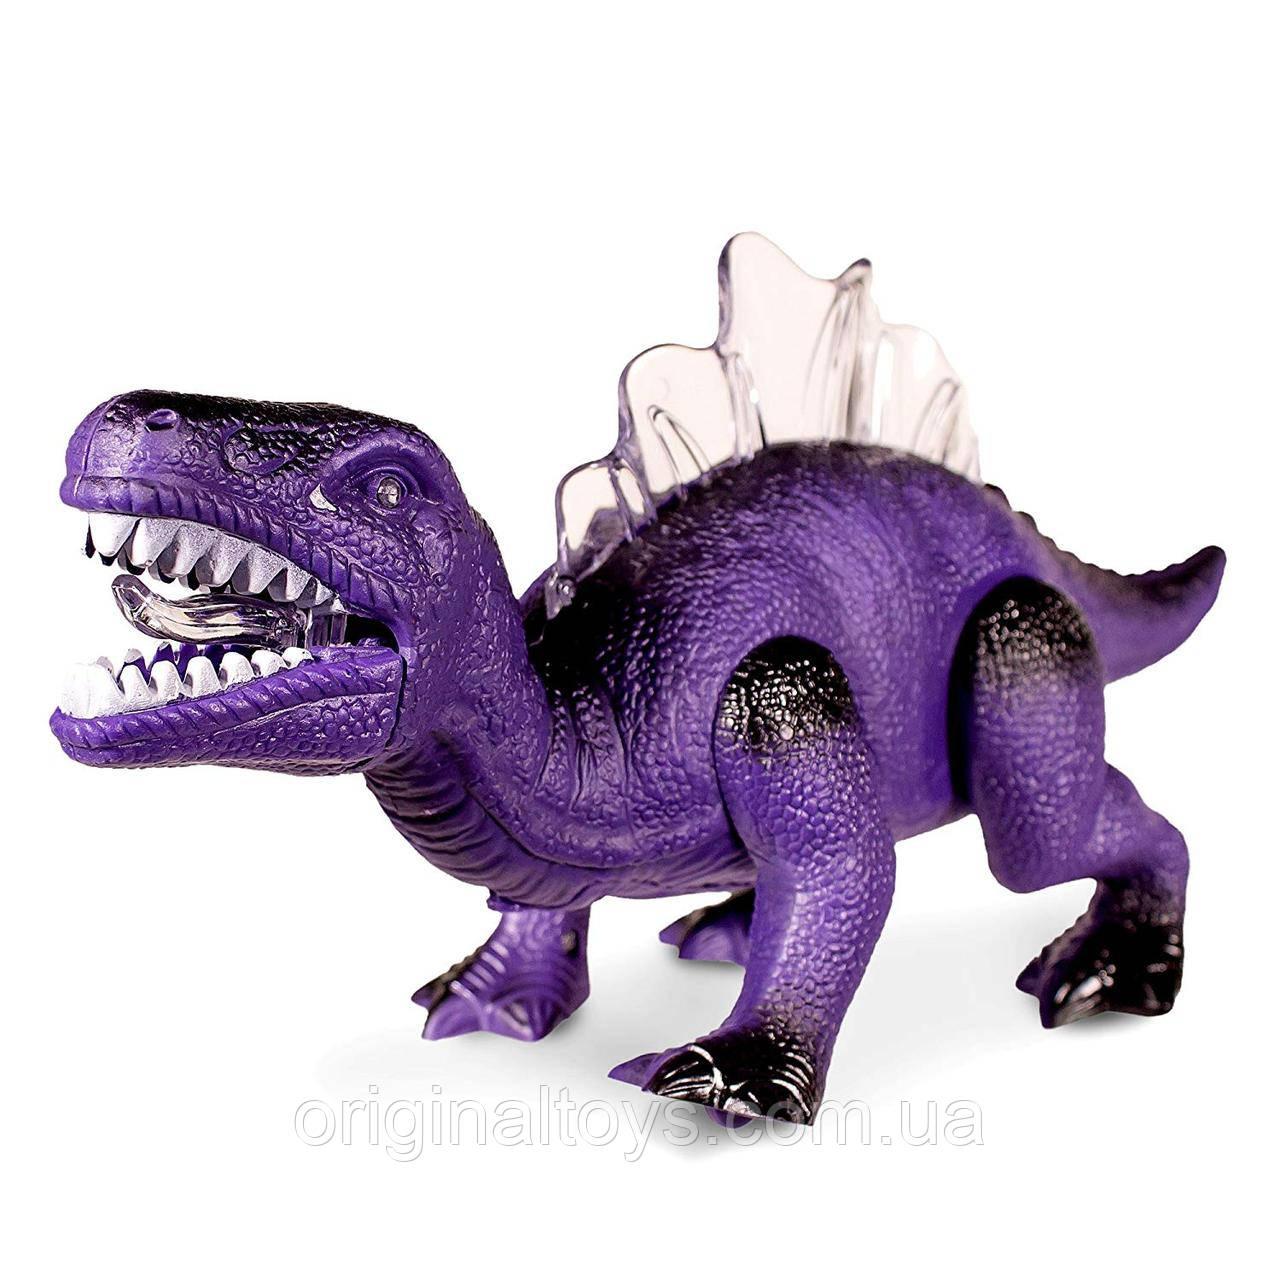 Интерактивная игрушка Динозавр, свет и звук